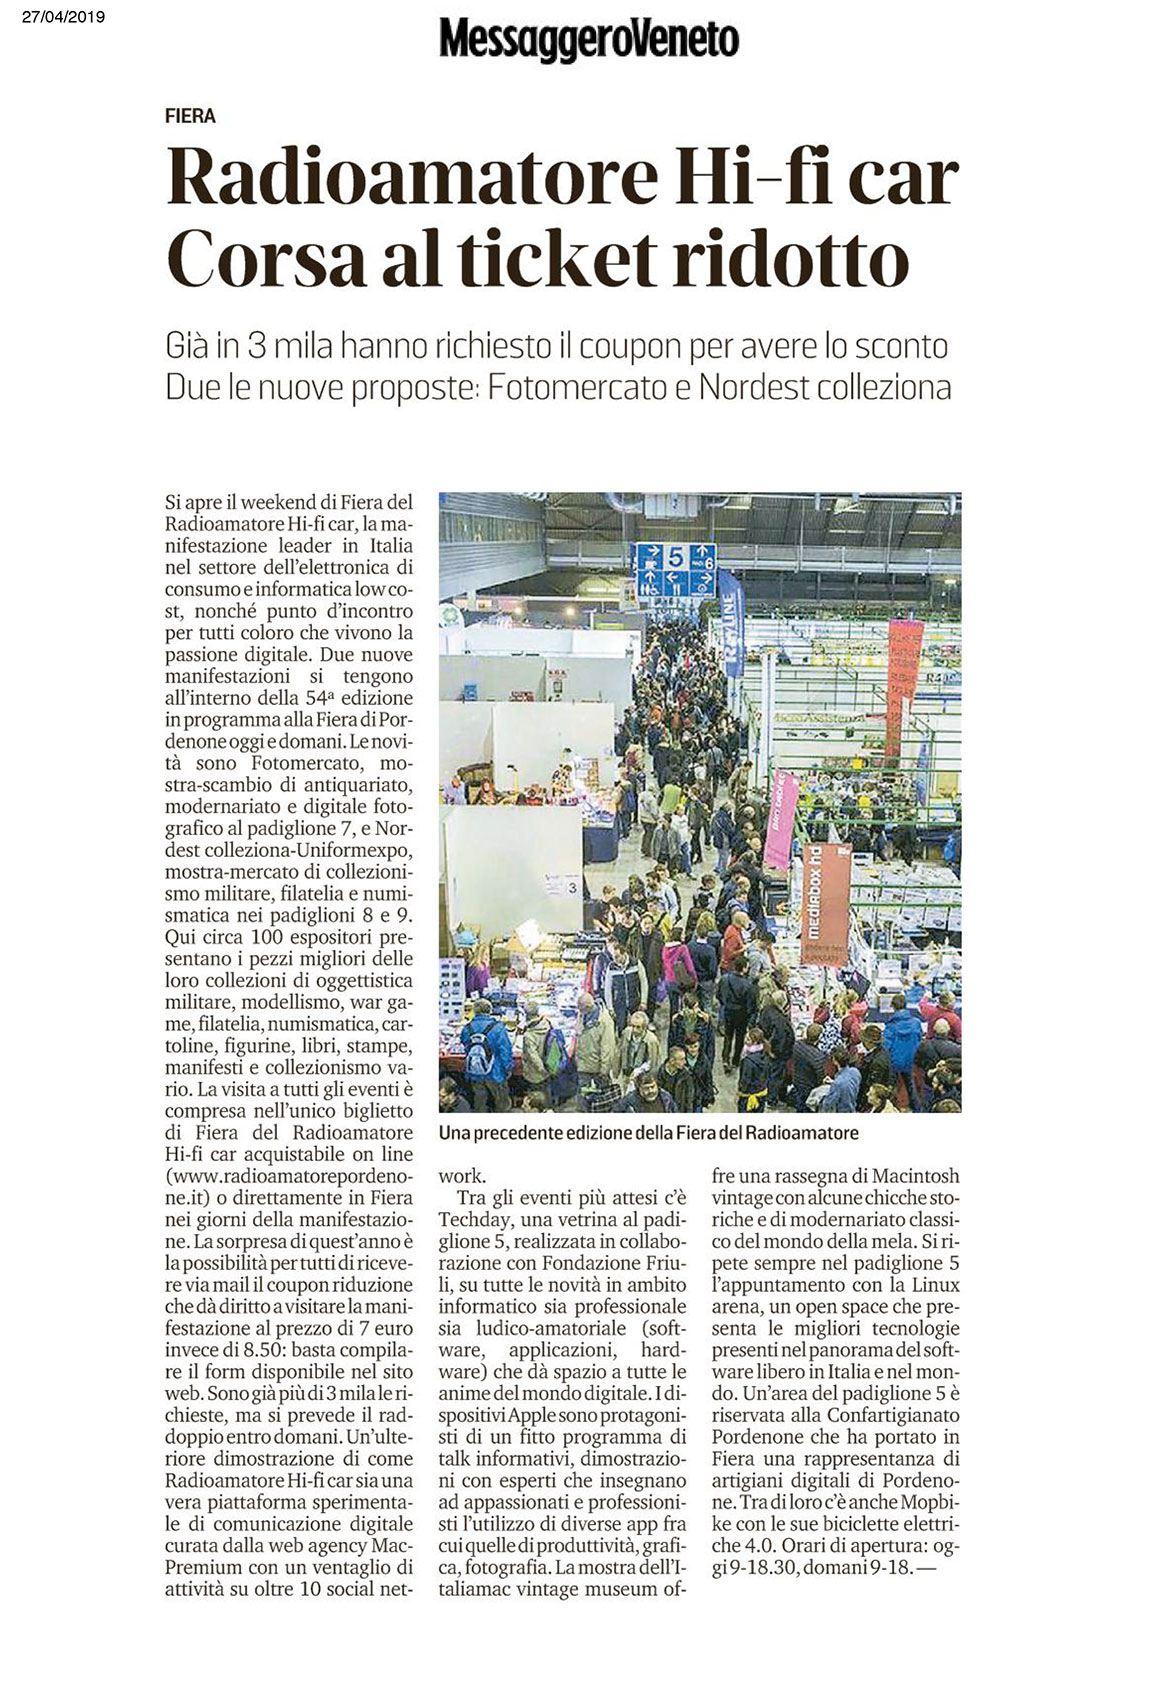 Messaggero 27042019 Rassegna Stampa Radioamatore Fiera 2019